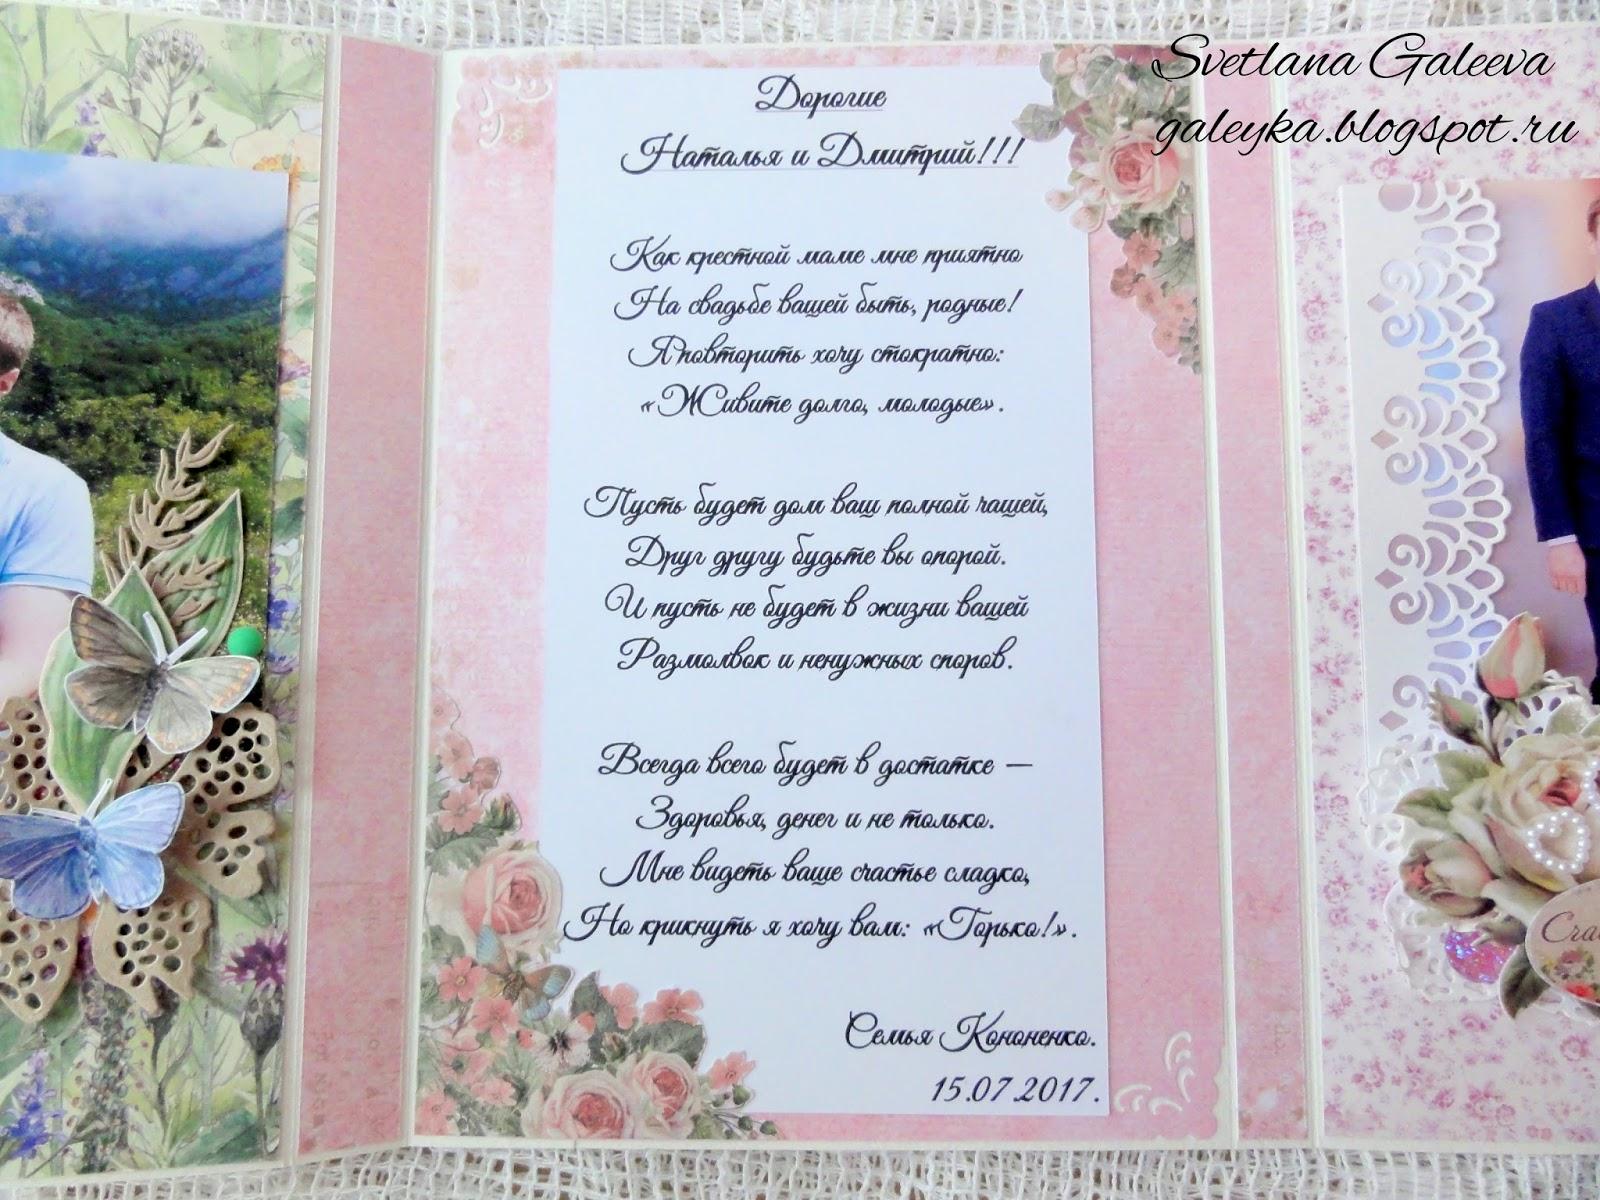 Поздравление с днем свадьбы от крестной мамы невесты трогательные